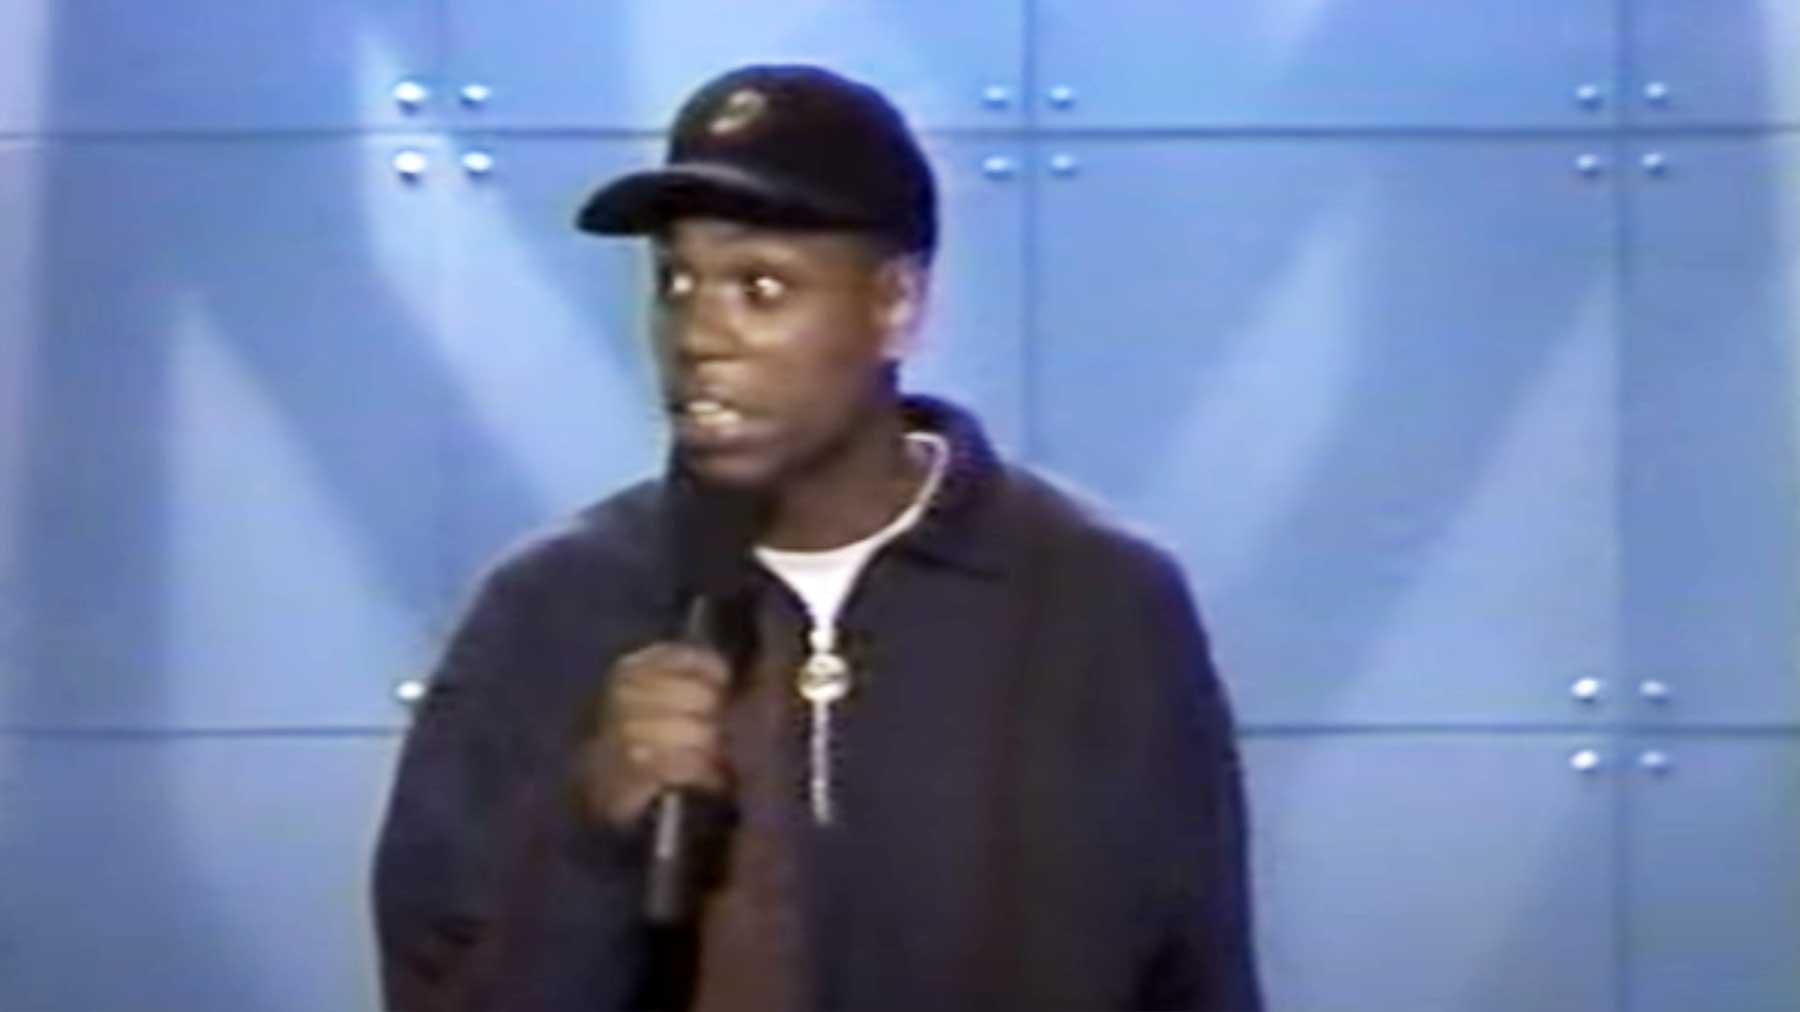 TV-Auftritt eines 19-jährigen Dave Chappelle in 1993